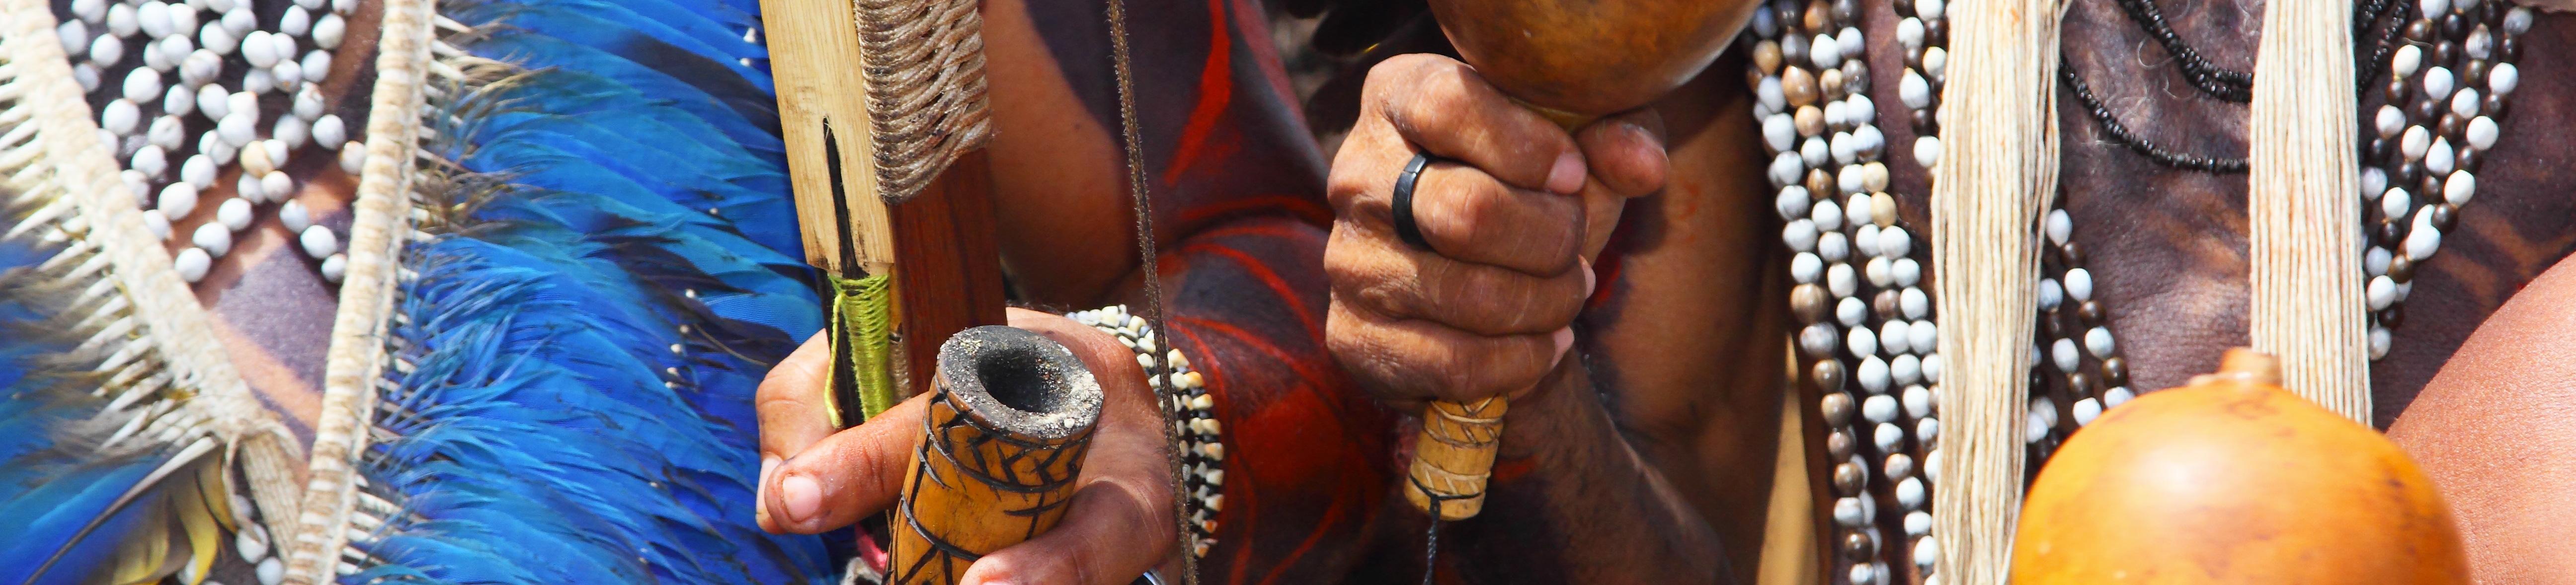 Tradition et artisanat au brésil